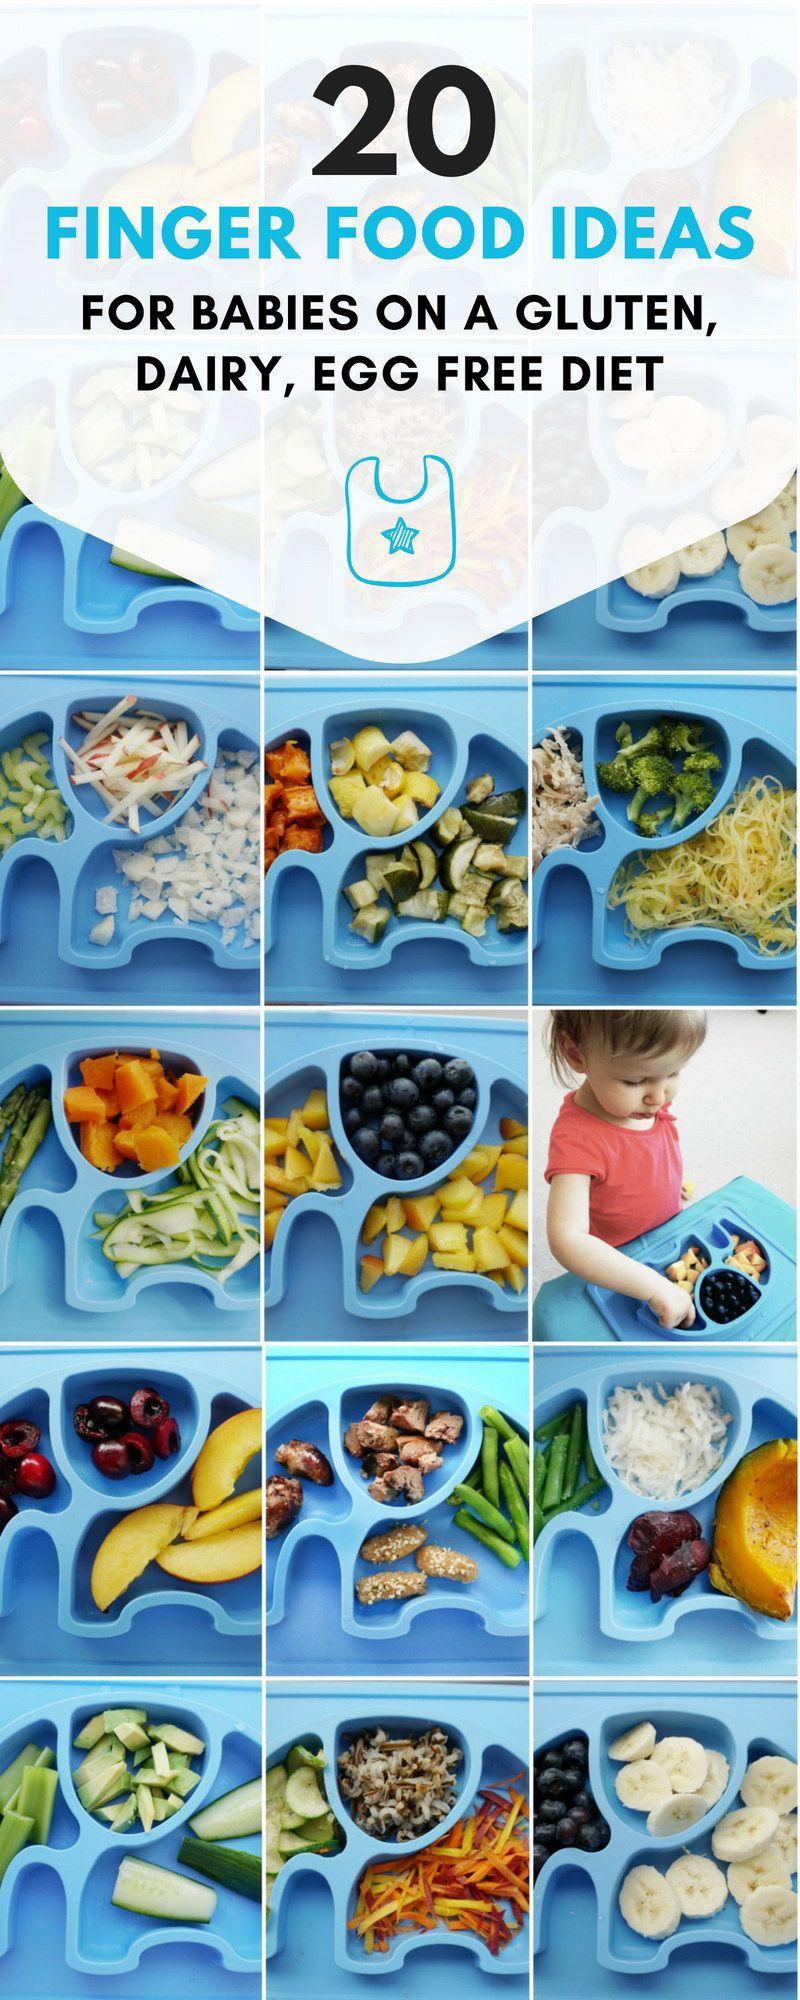 gluten free diet for babies